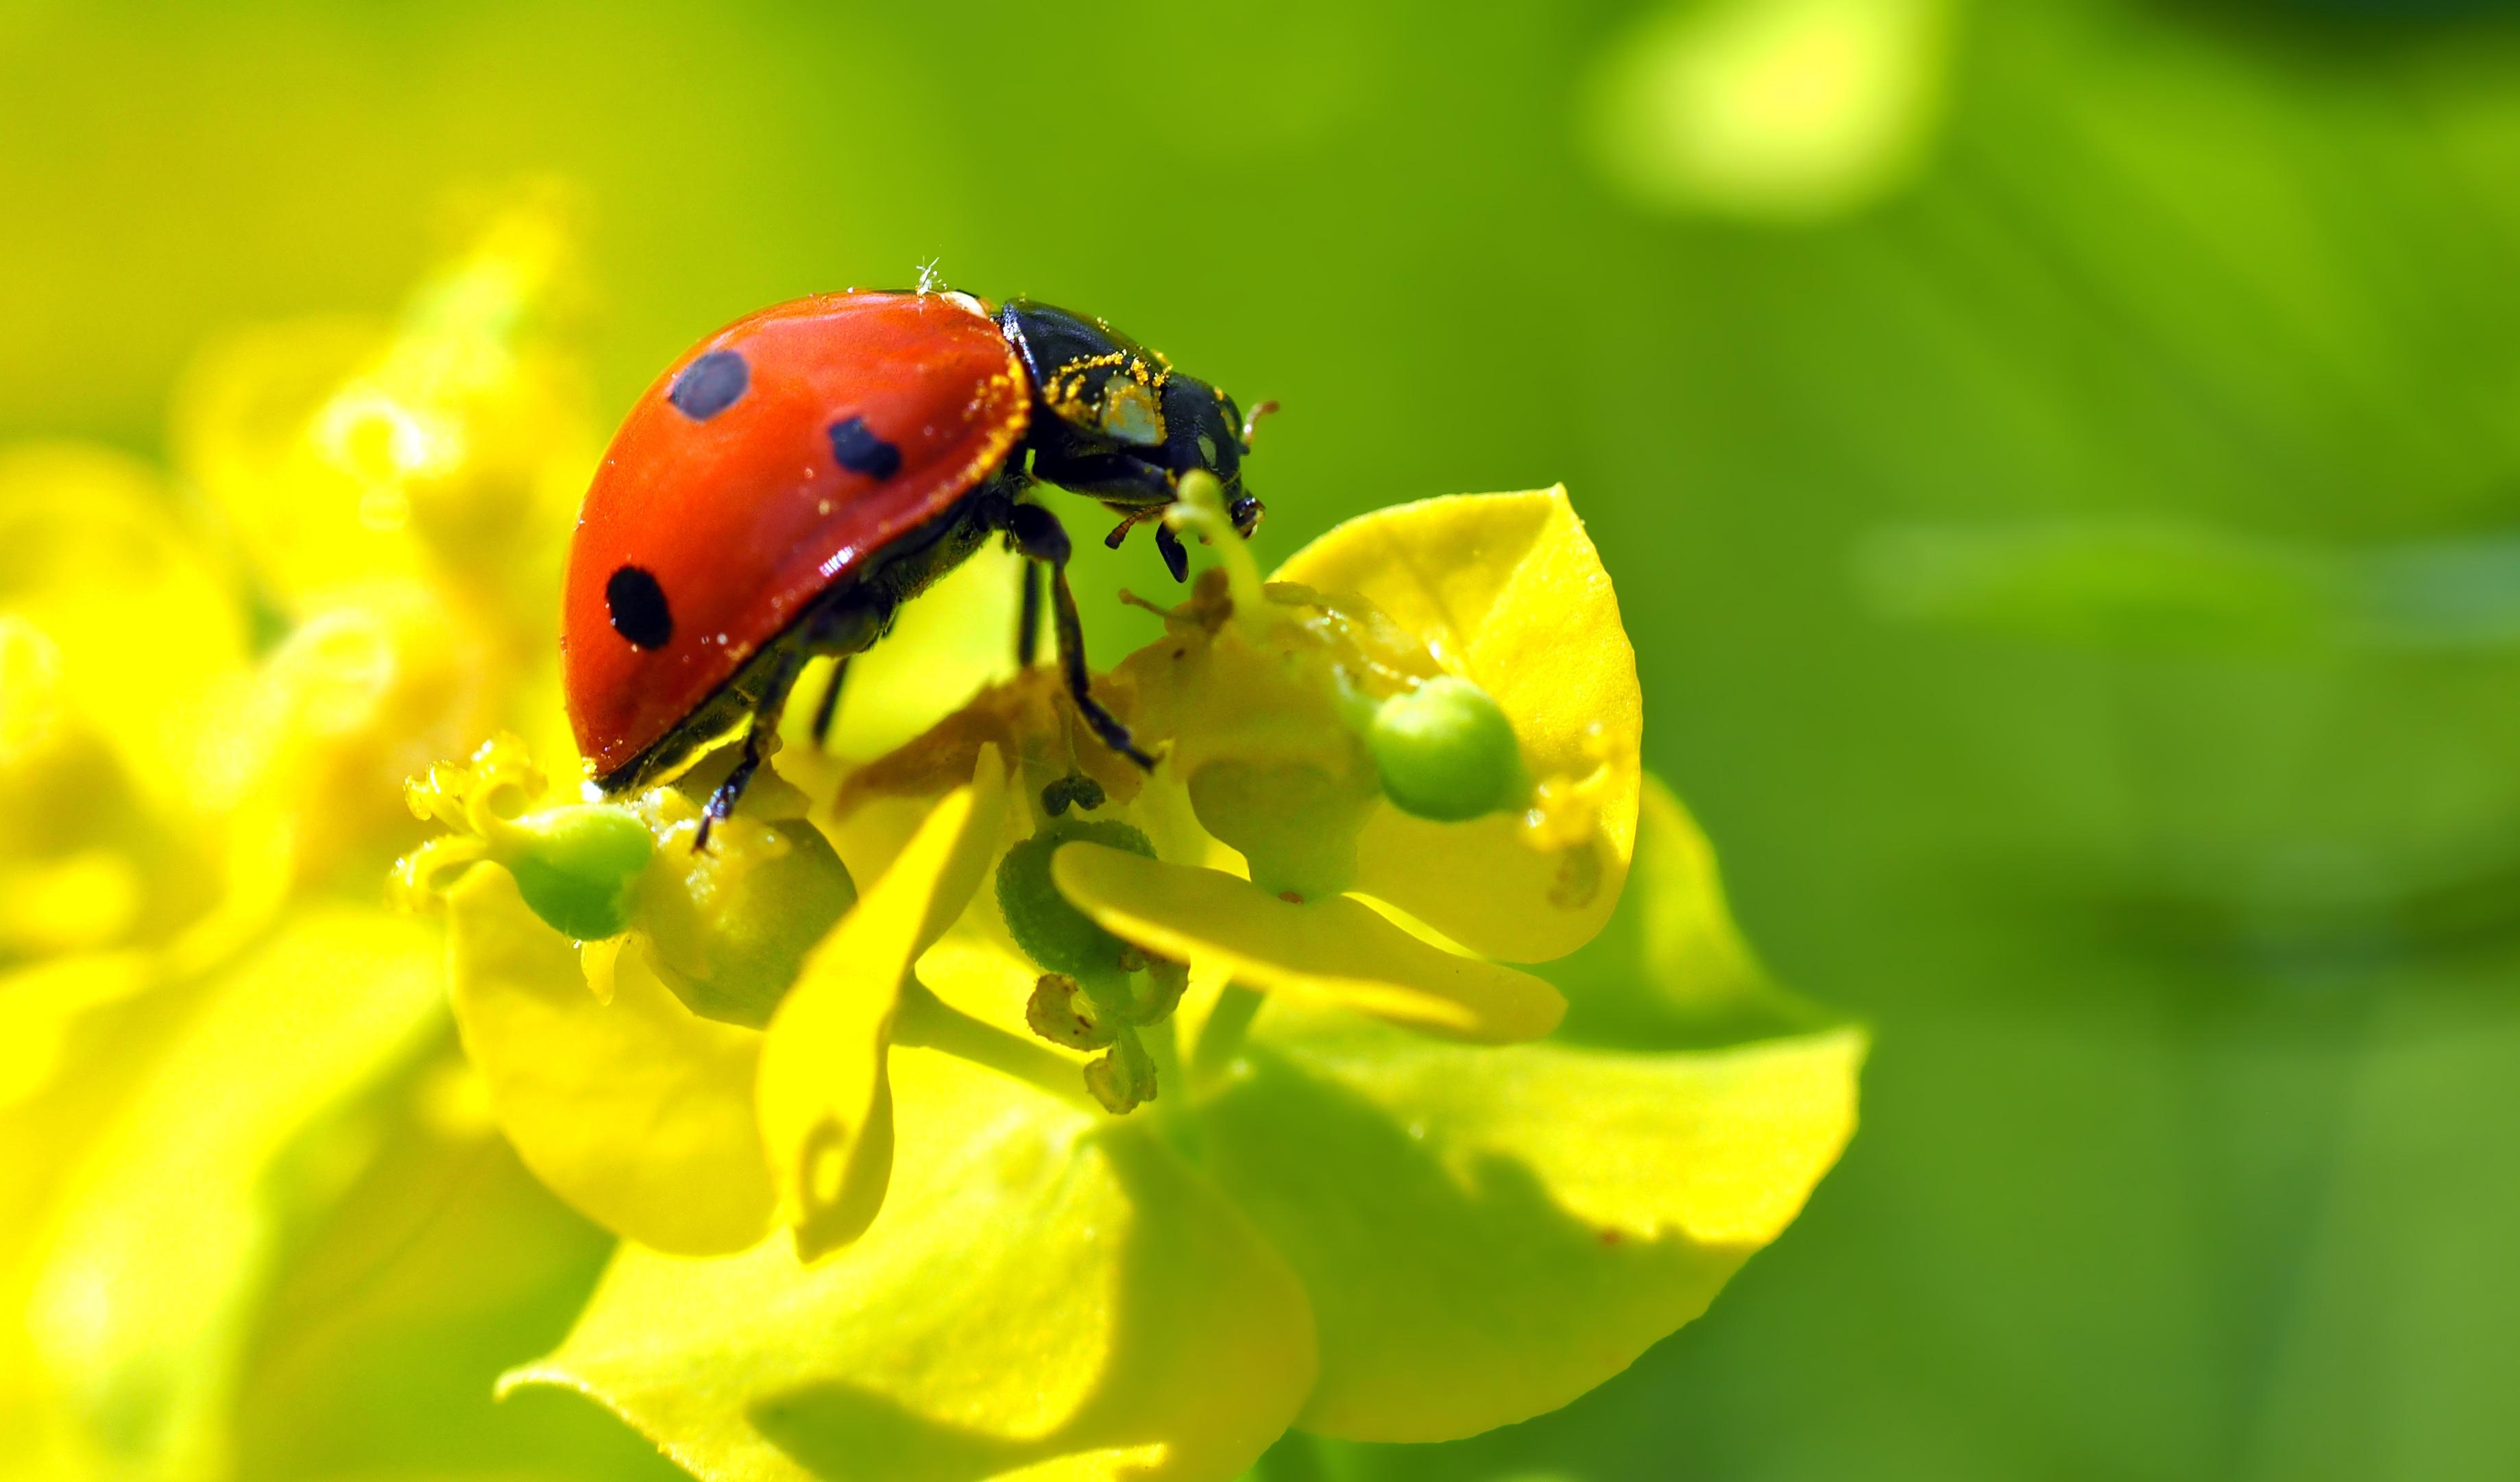 54985 Hintergrundbild herunterladen Marienkäfer, Blume, Makro, Insekt, Ladybird - Bildschirmschoner und Bilder kostenlos